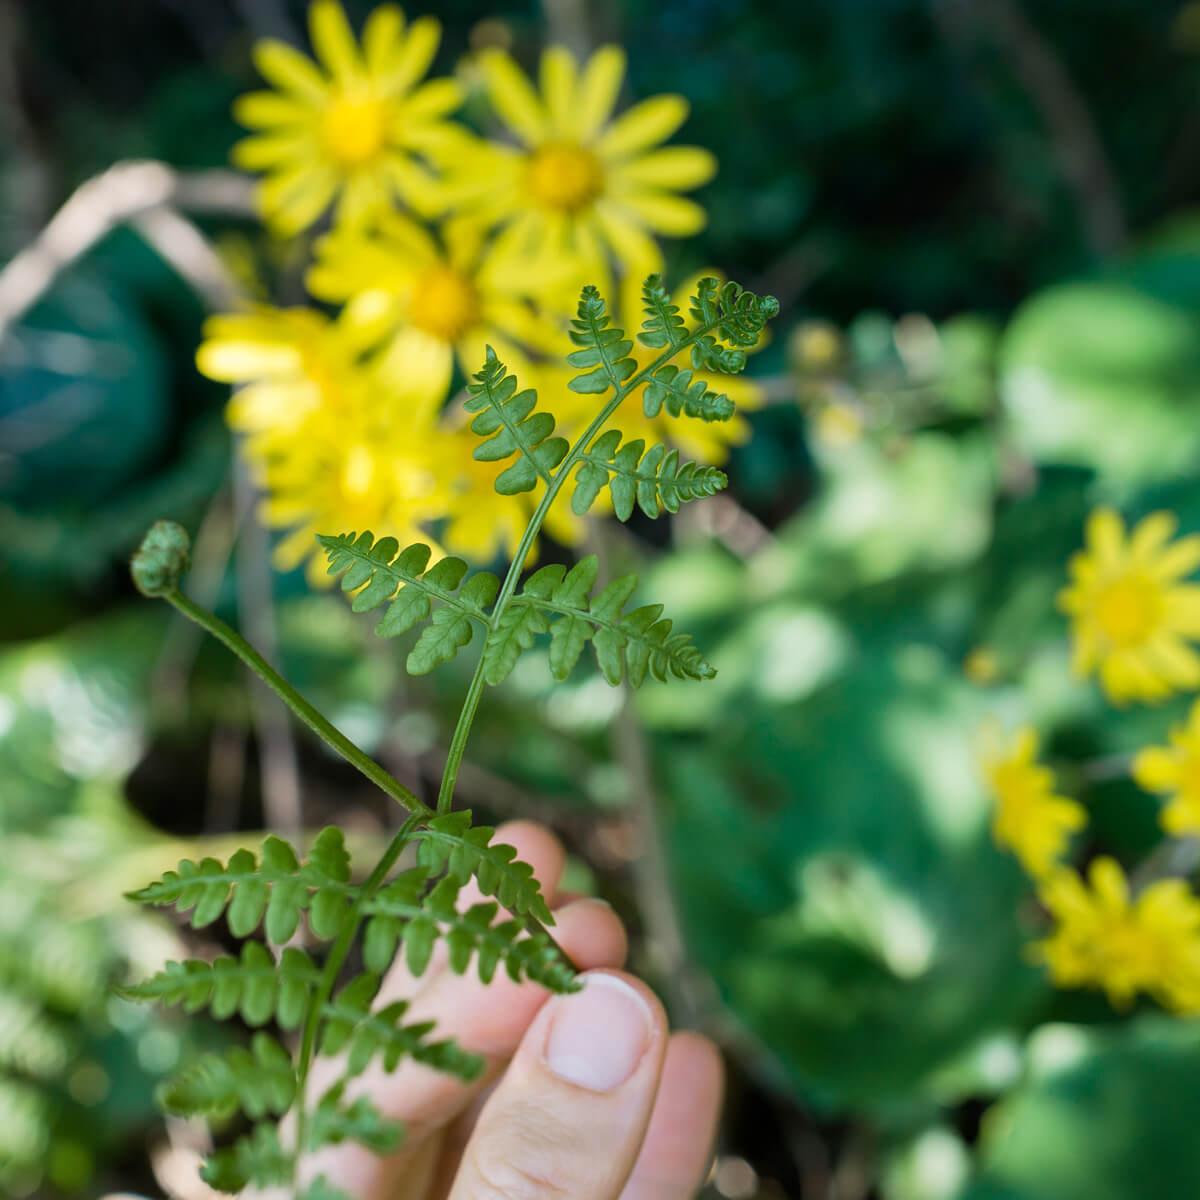 屋久島のシダの葉っぱ 手に持って ツワブキの花バック 屋久島花とジュエリー